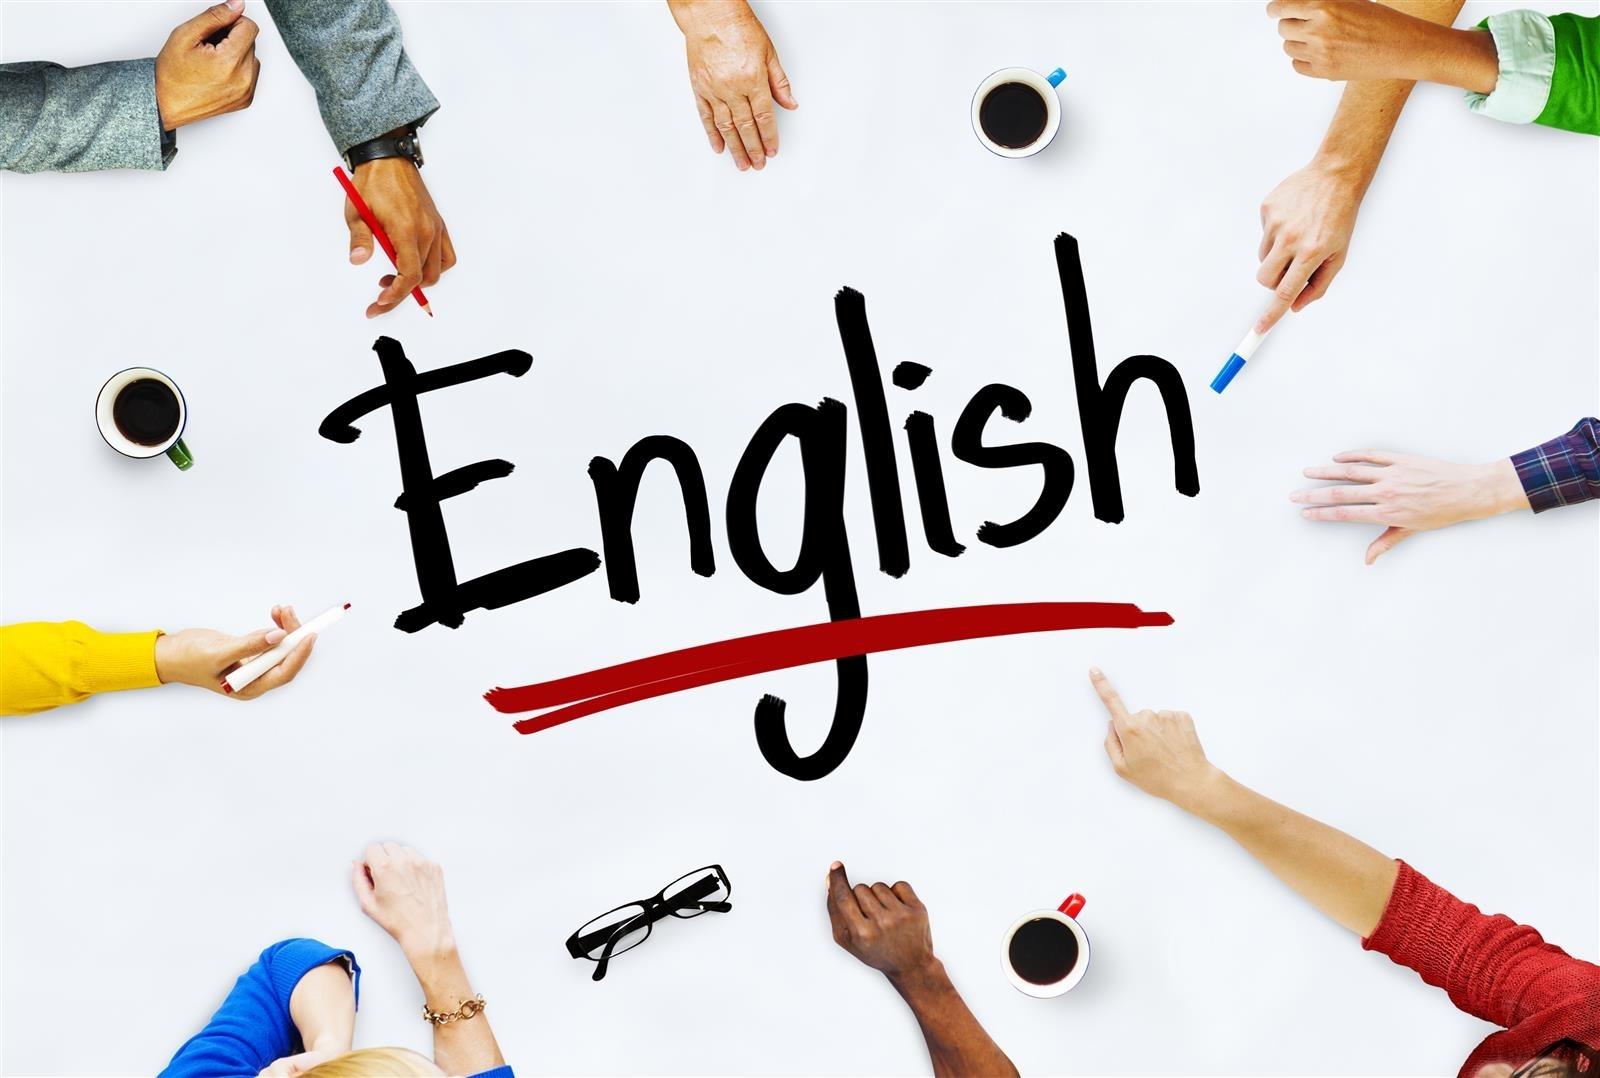 Интенсивное изучение разговорного английского языка бесплатное образование в европе где